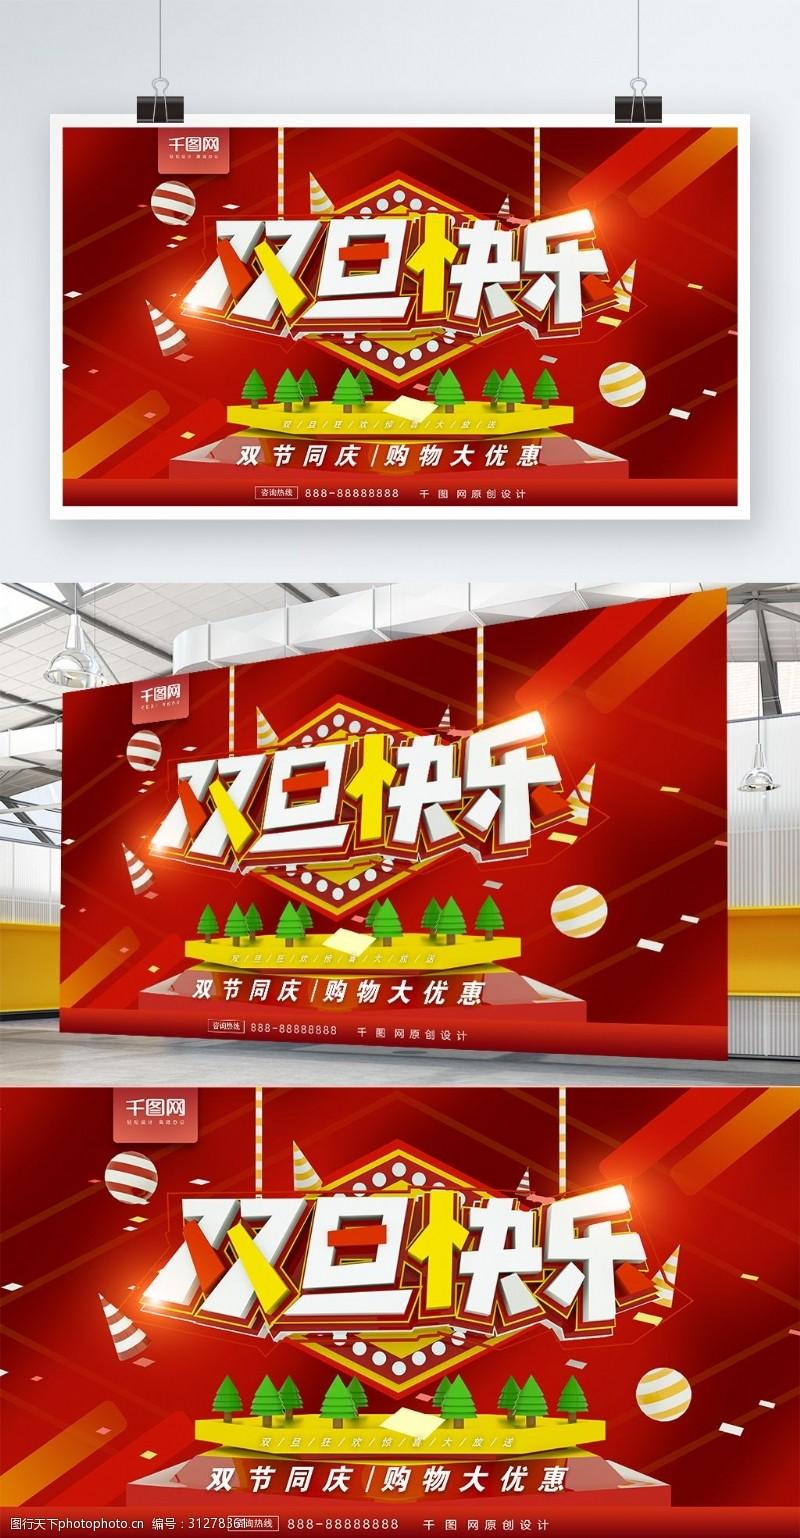 双旦背景C4D红色喜庆双旦快乐商业促销展板